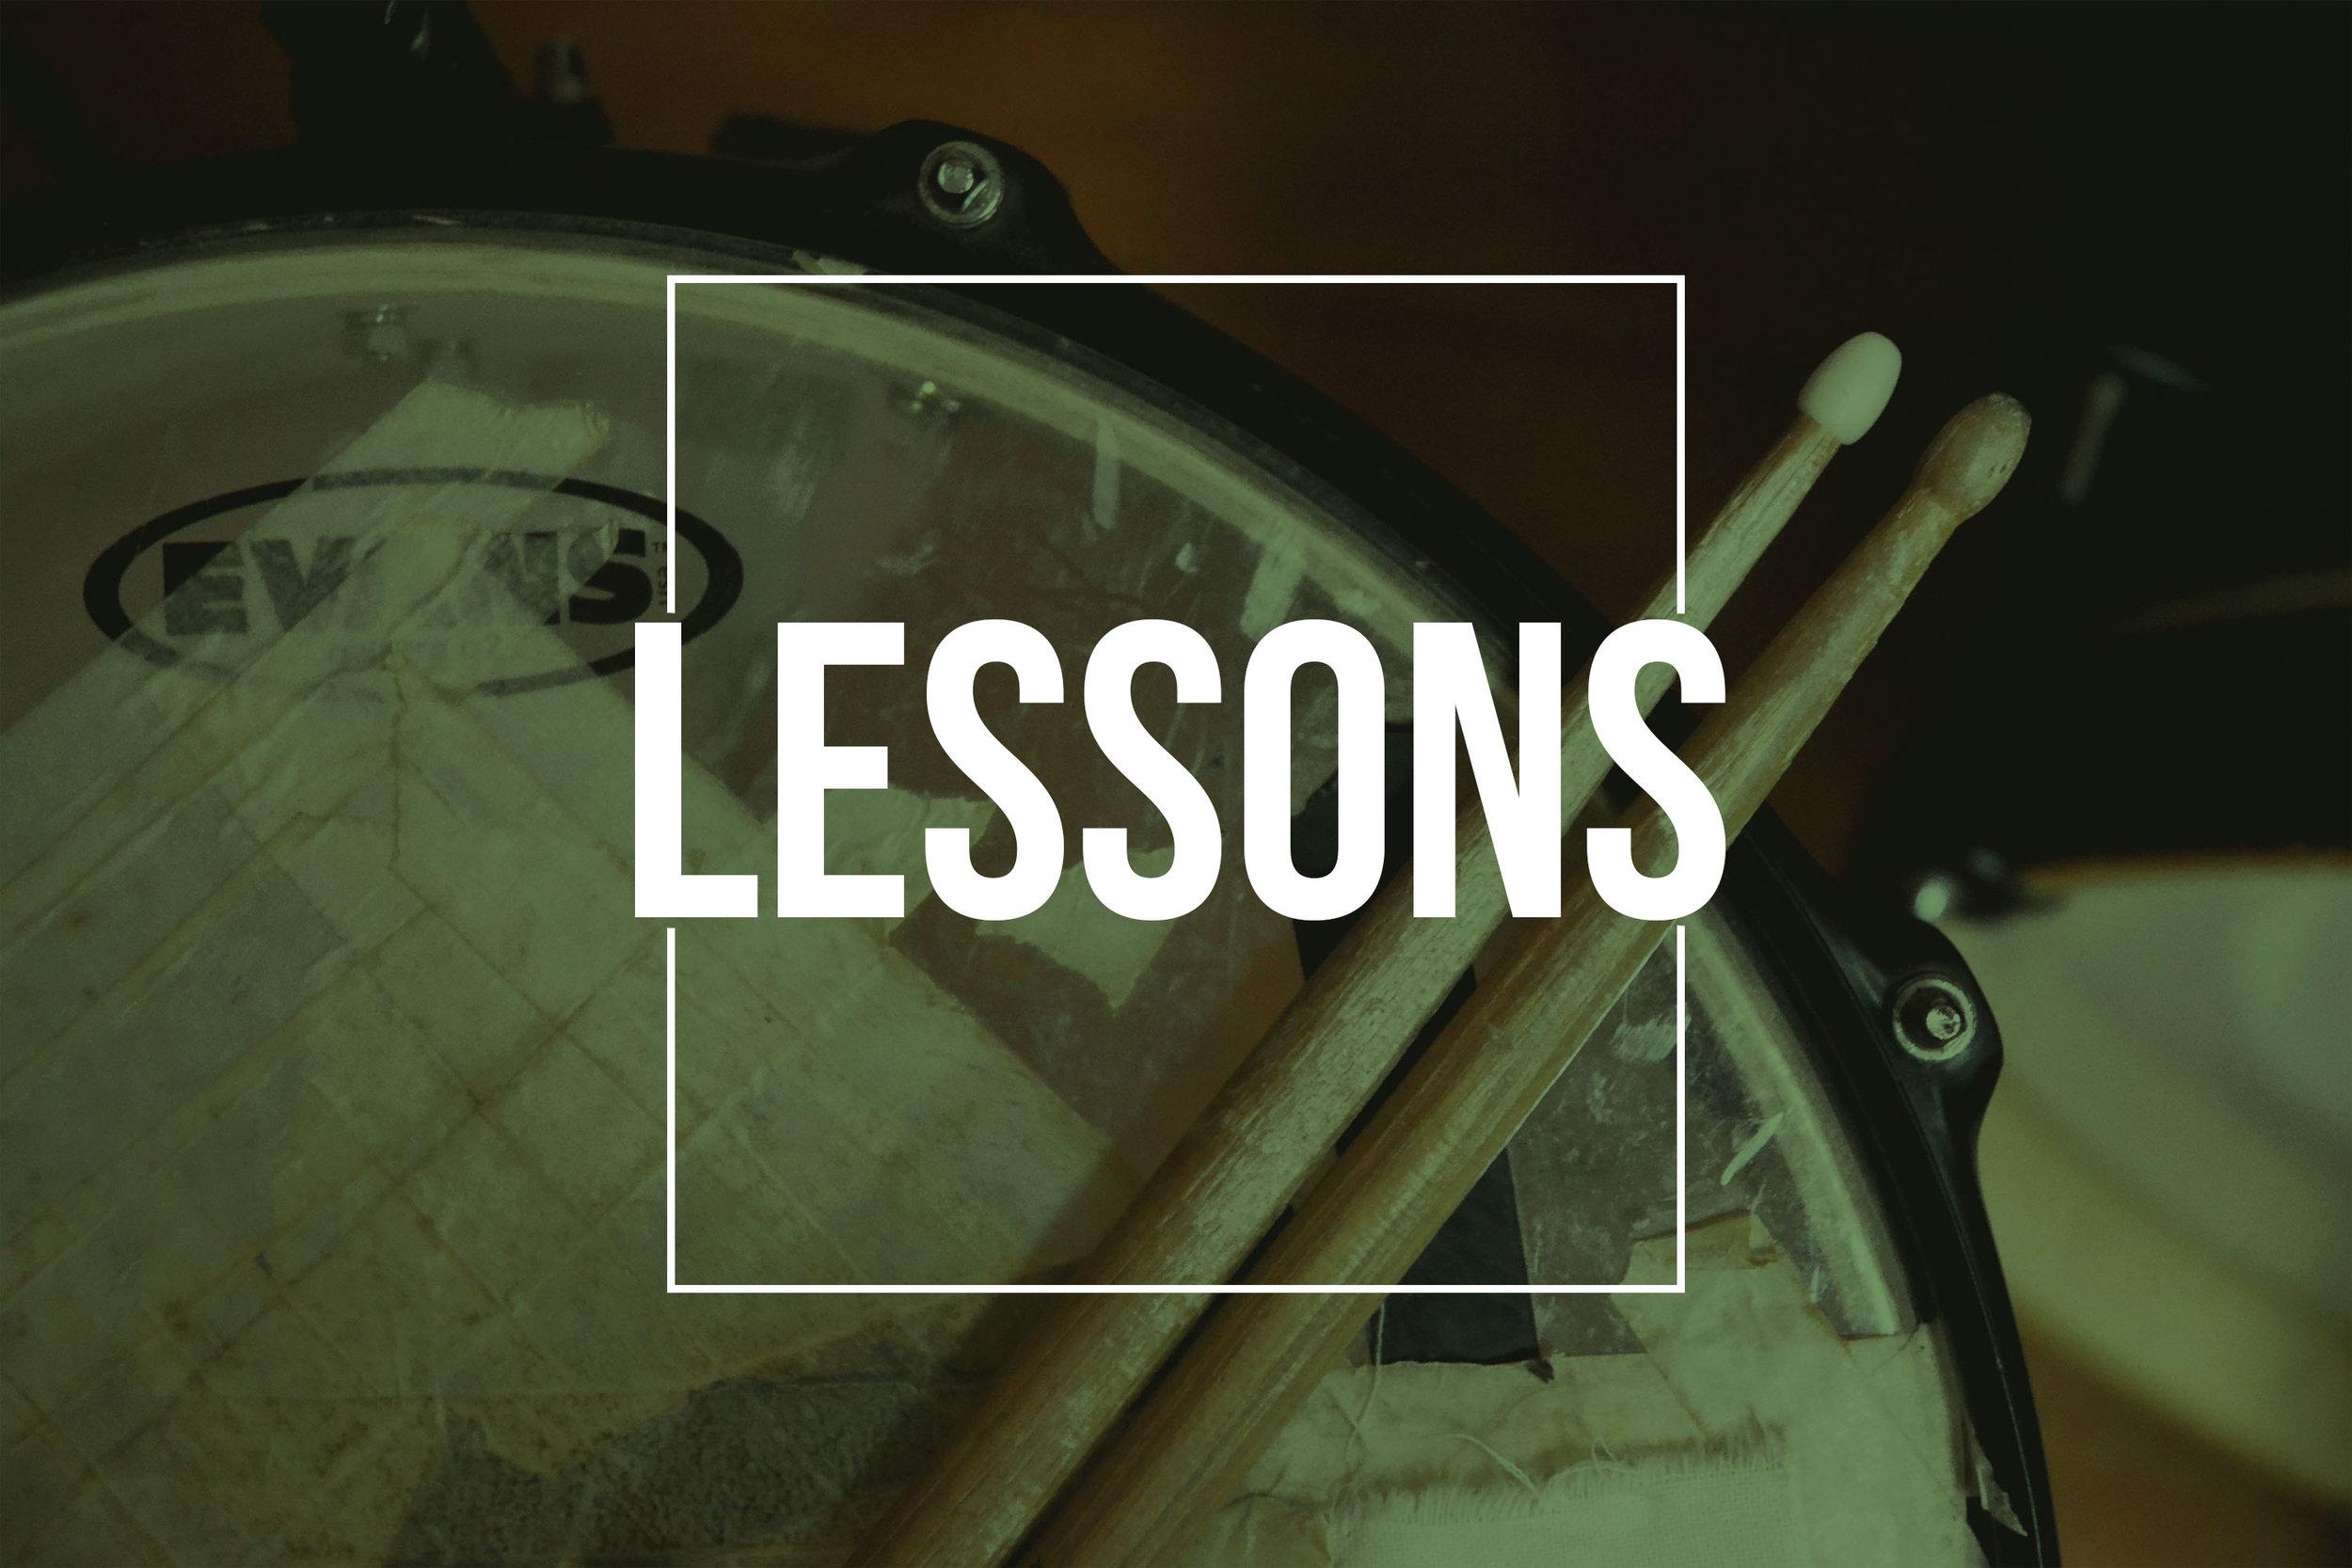 lesson banner 2.jpg